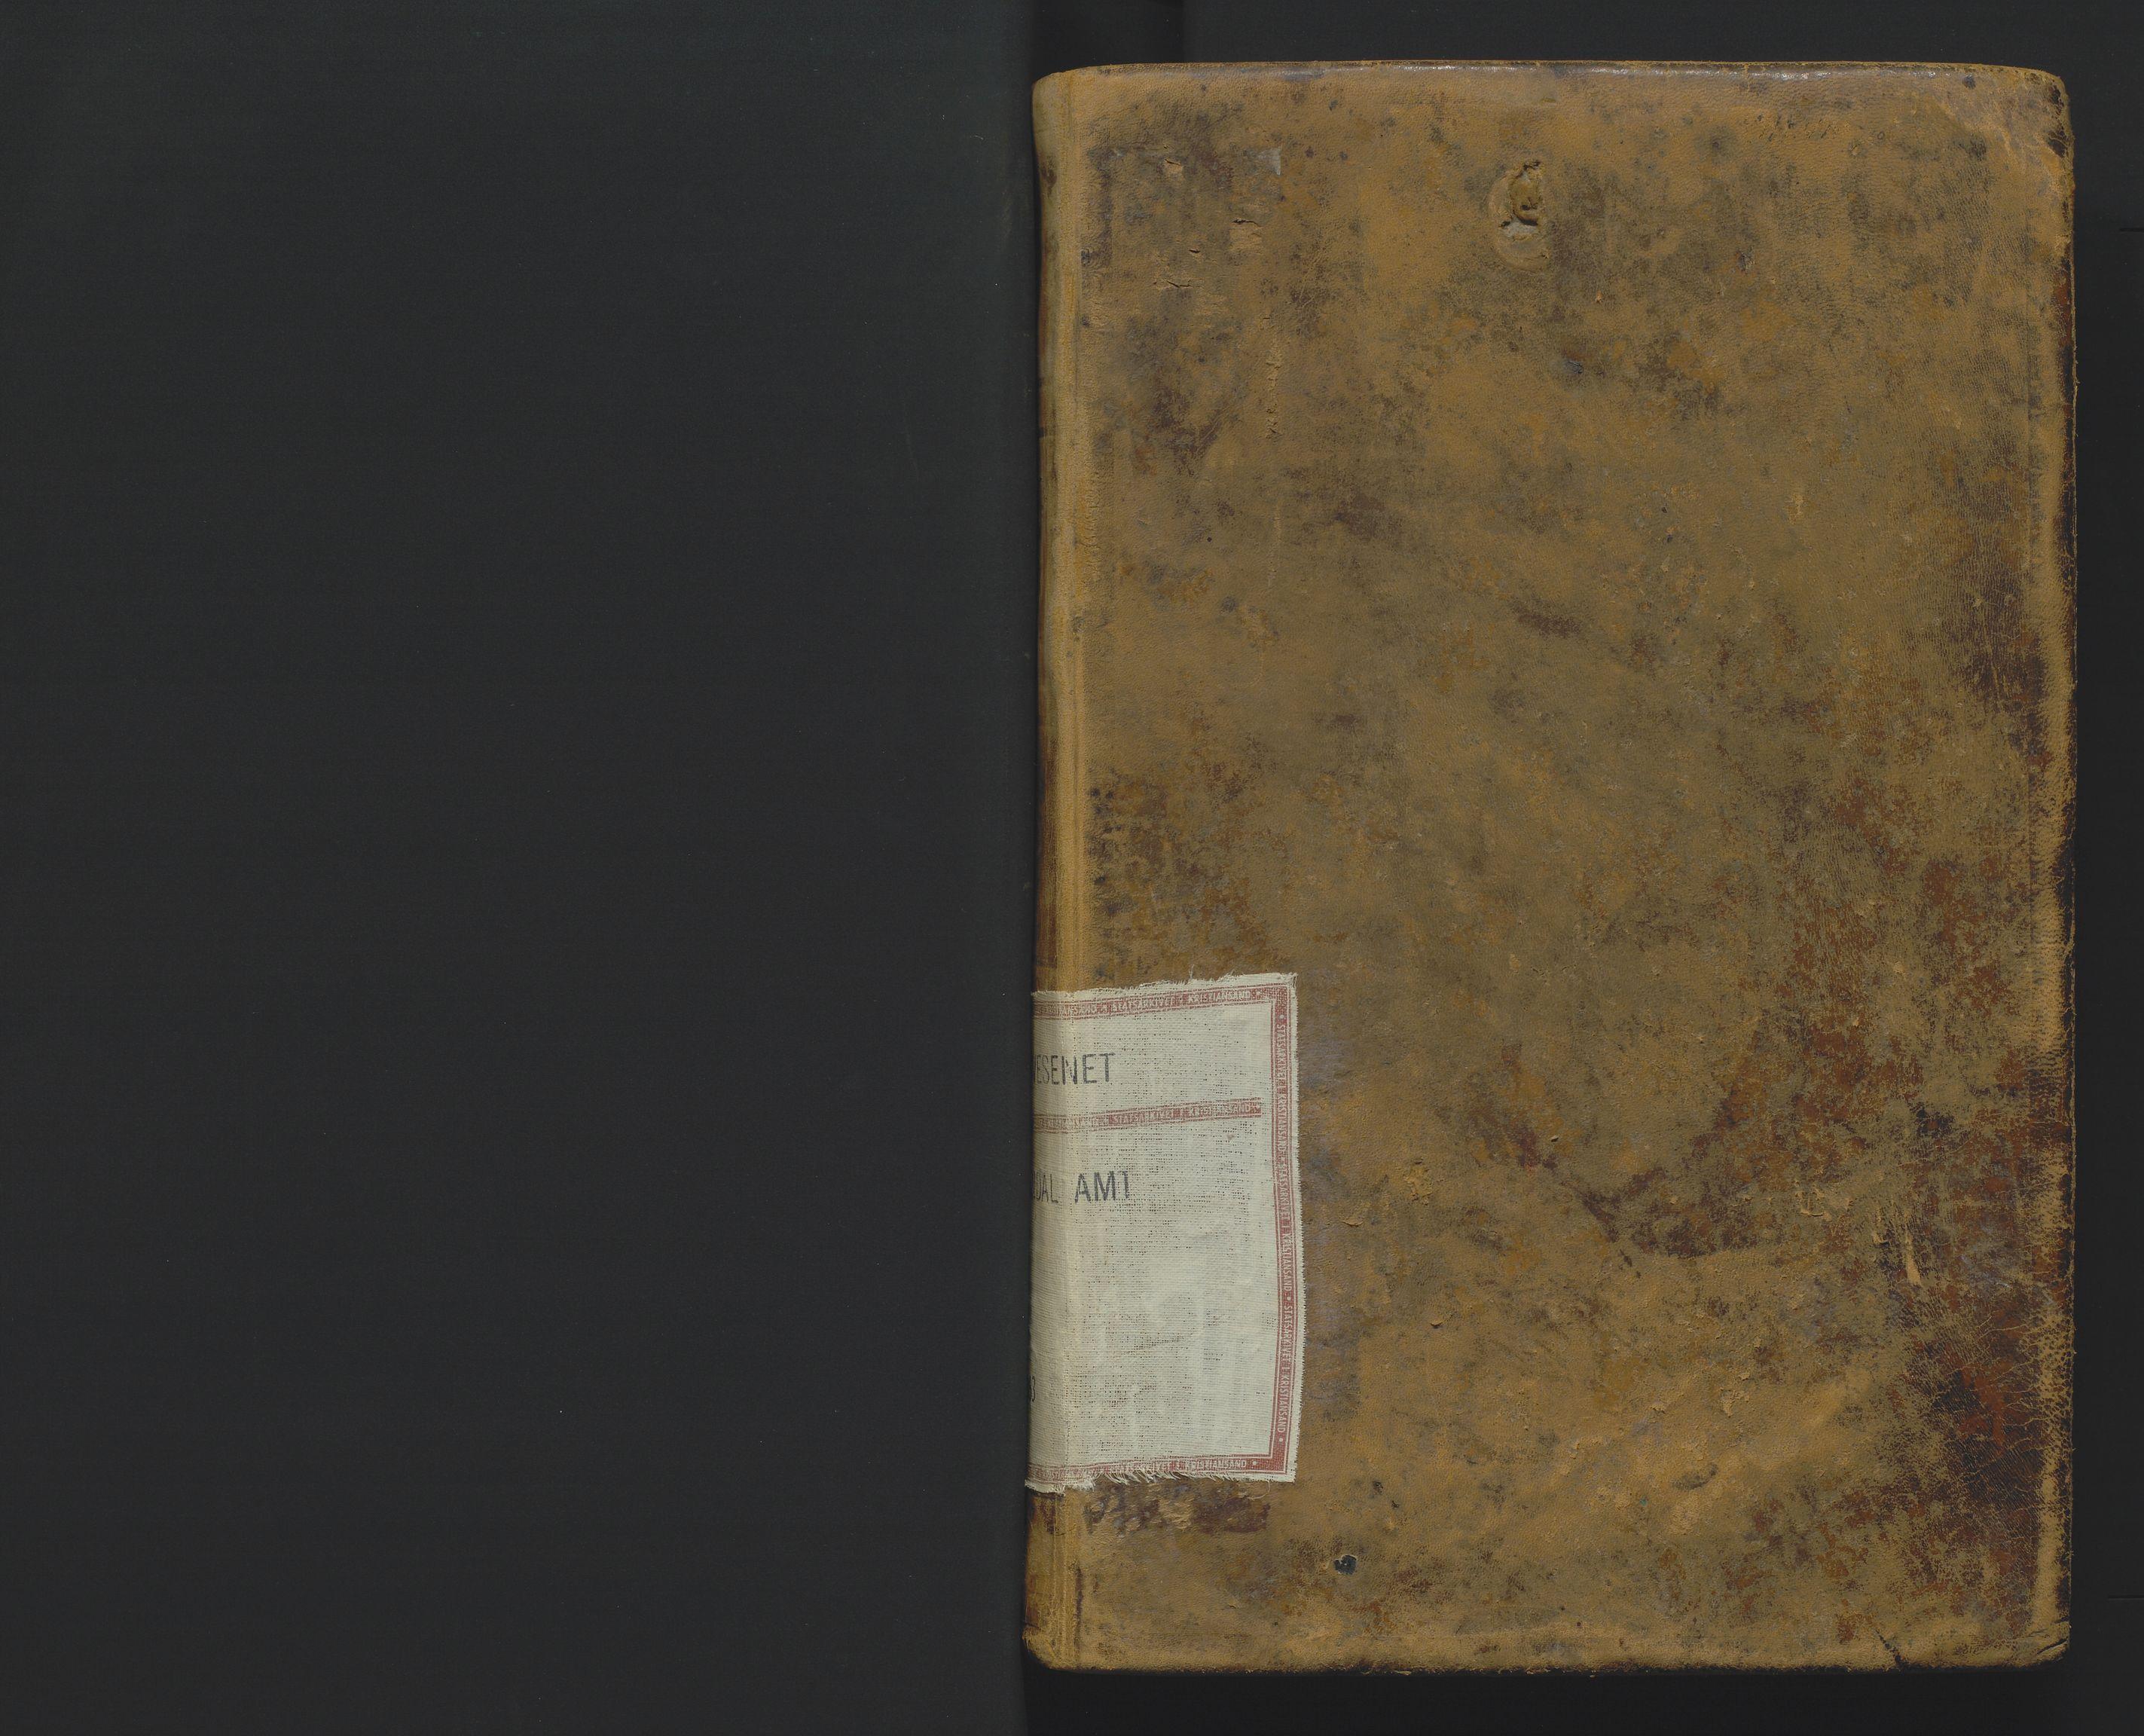 SAK, Utskiftningsformannen i Lister og Mandal amt, F/Fa/Faa/L0002: Utskiftningsprotokoll med register nr 2, 1859-1863